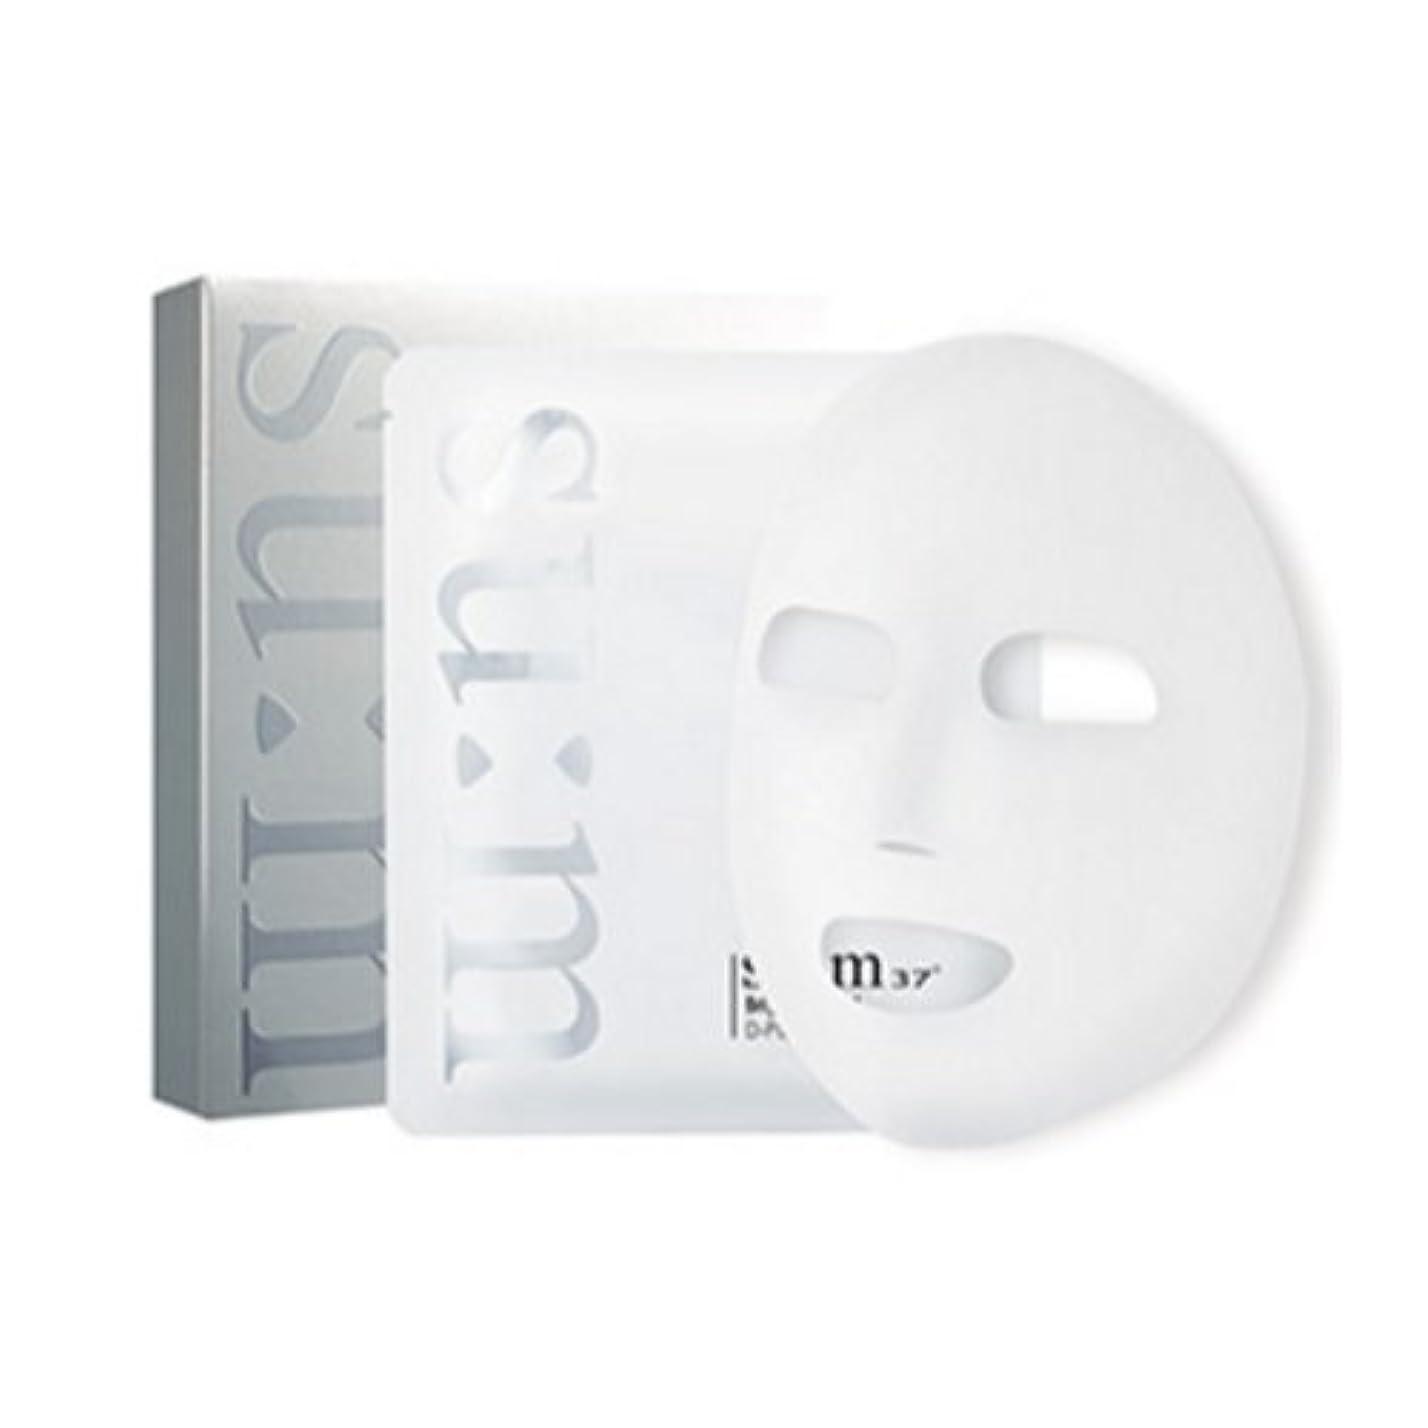 おじさん機関選出する[スム37°] su:m37°ブライトアワードD-浄化粘土シートマスク(10ea)海外直送品(su:m37° Bright Award D-Purifying Clay Sheet Mask (10ea)) [並行輸入品]